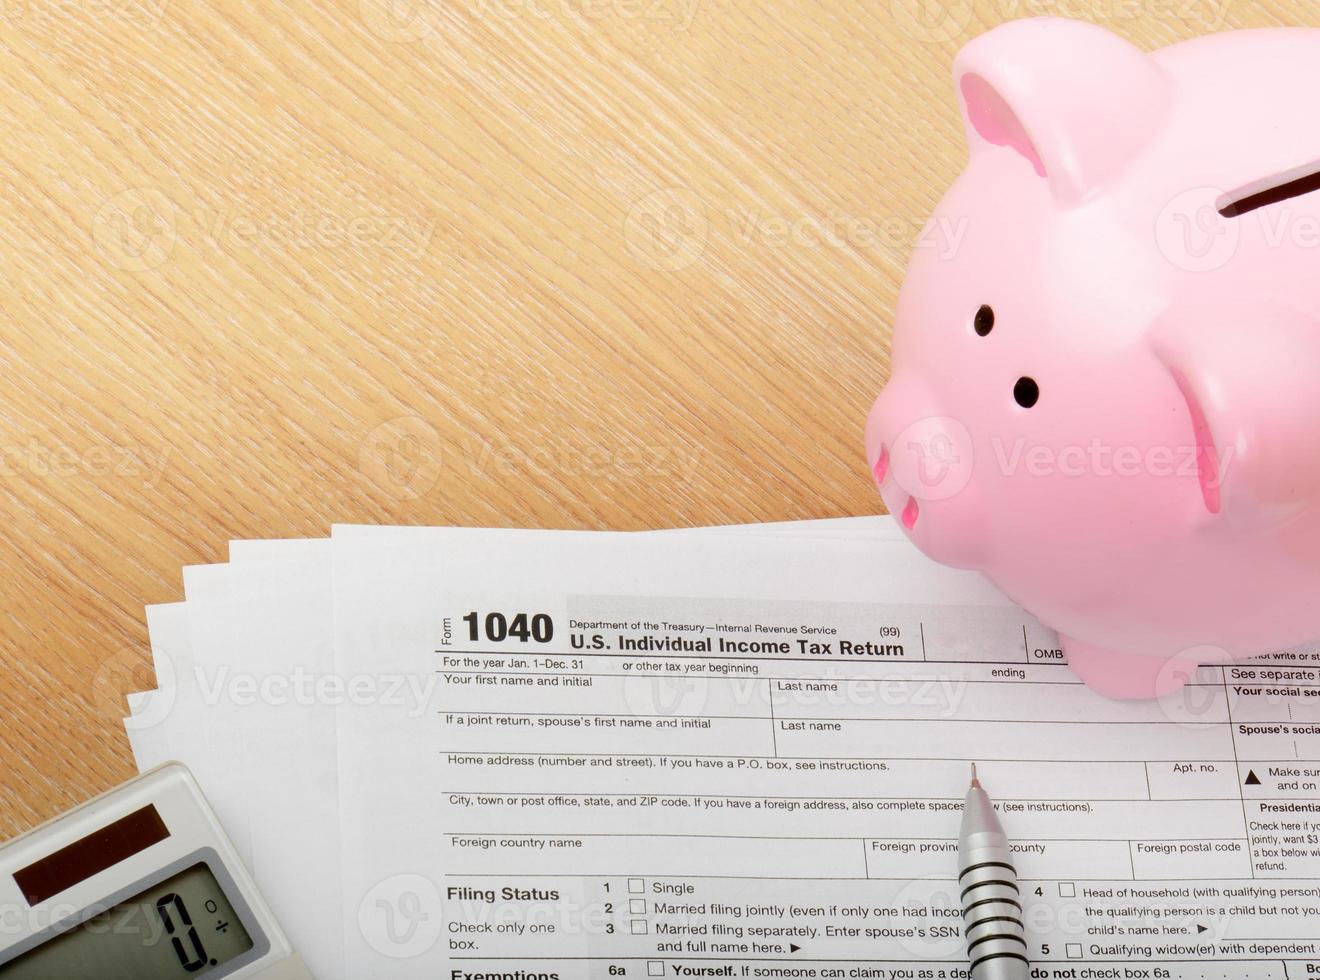 1040 formulario de impuestos de EE. UU. foto